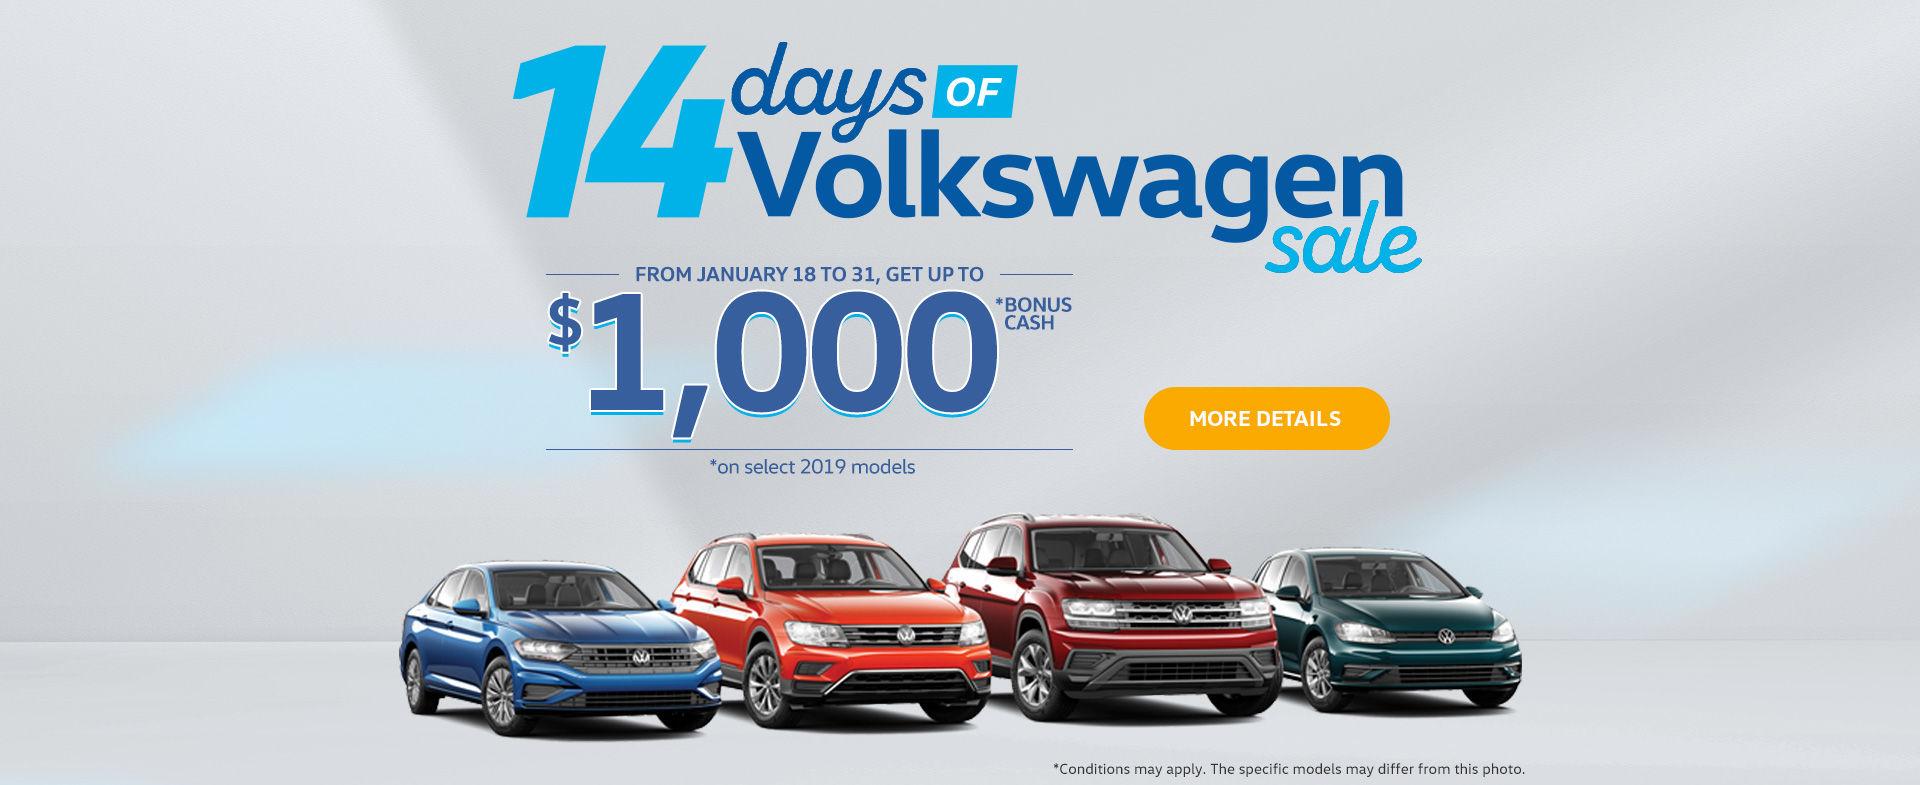 Volkswagen Auto show event!